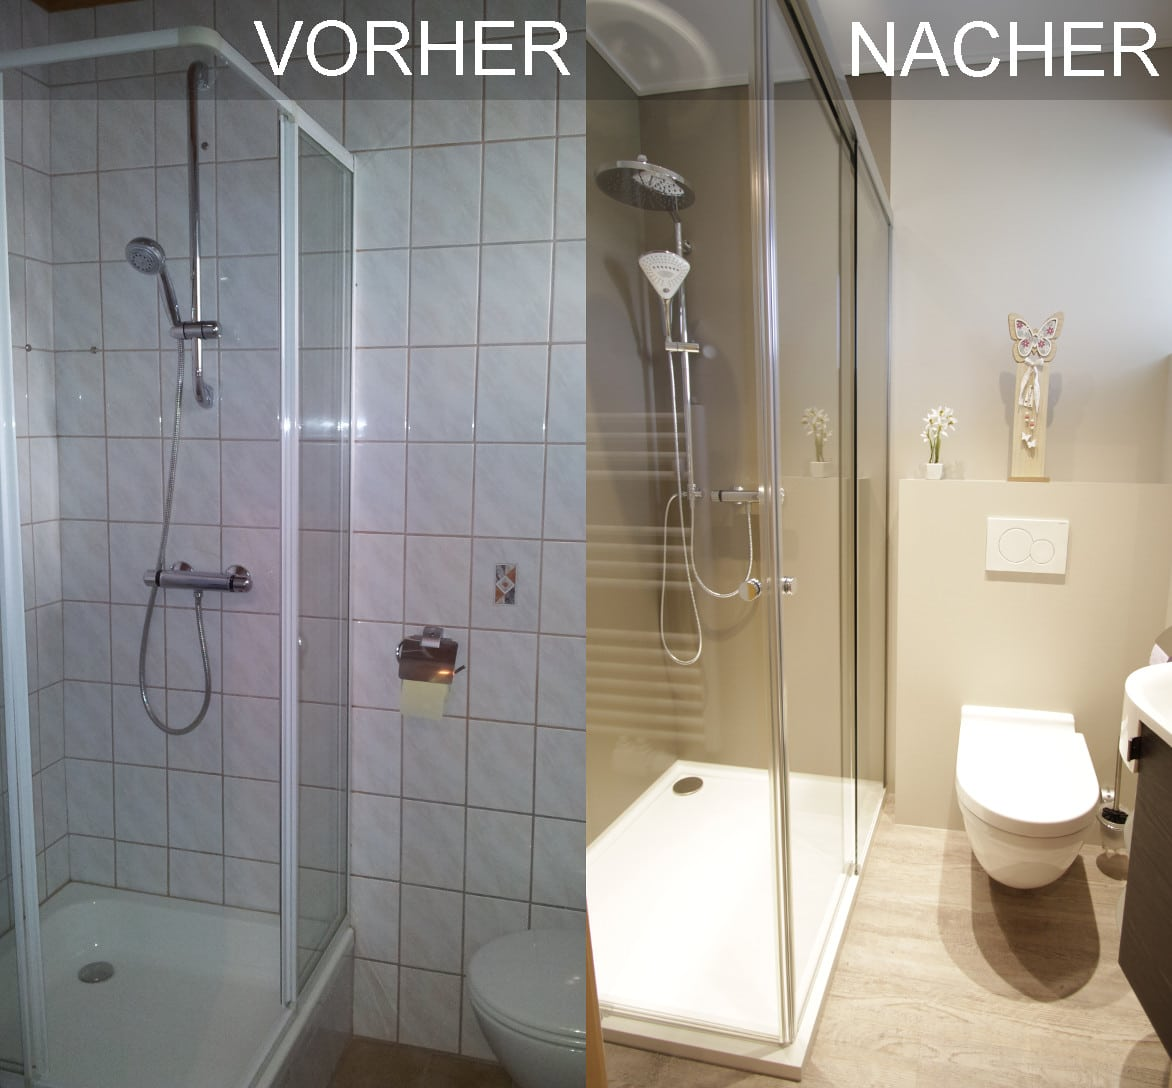 Vorher Nacher Bild einer Dusche mit Schiebetüren